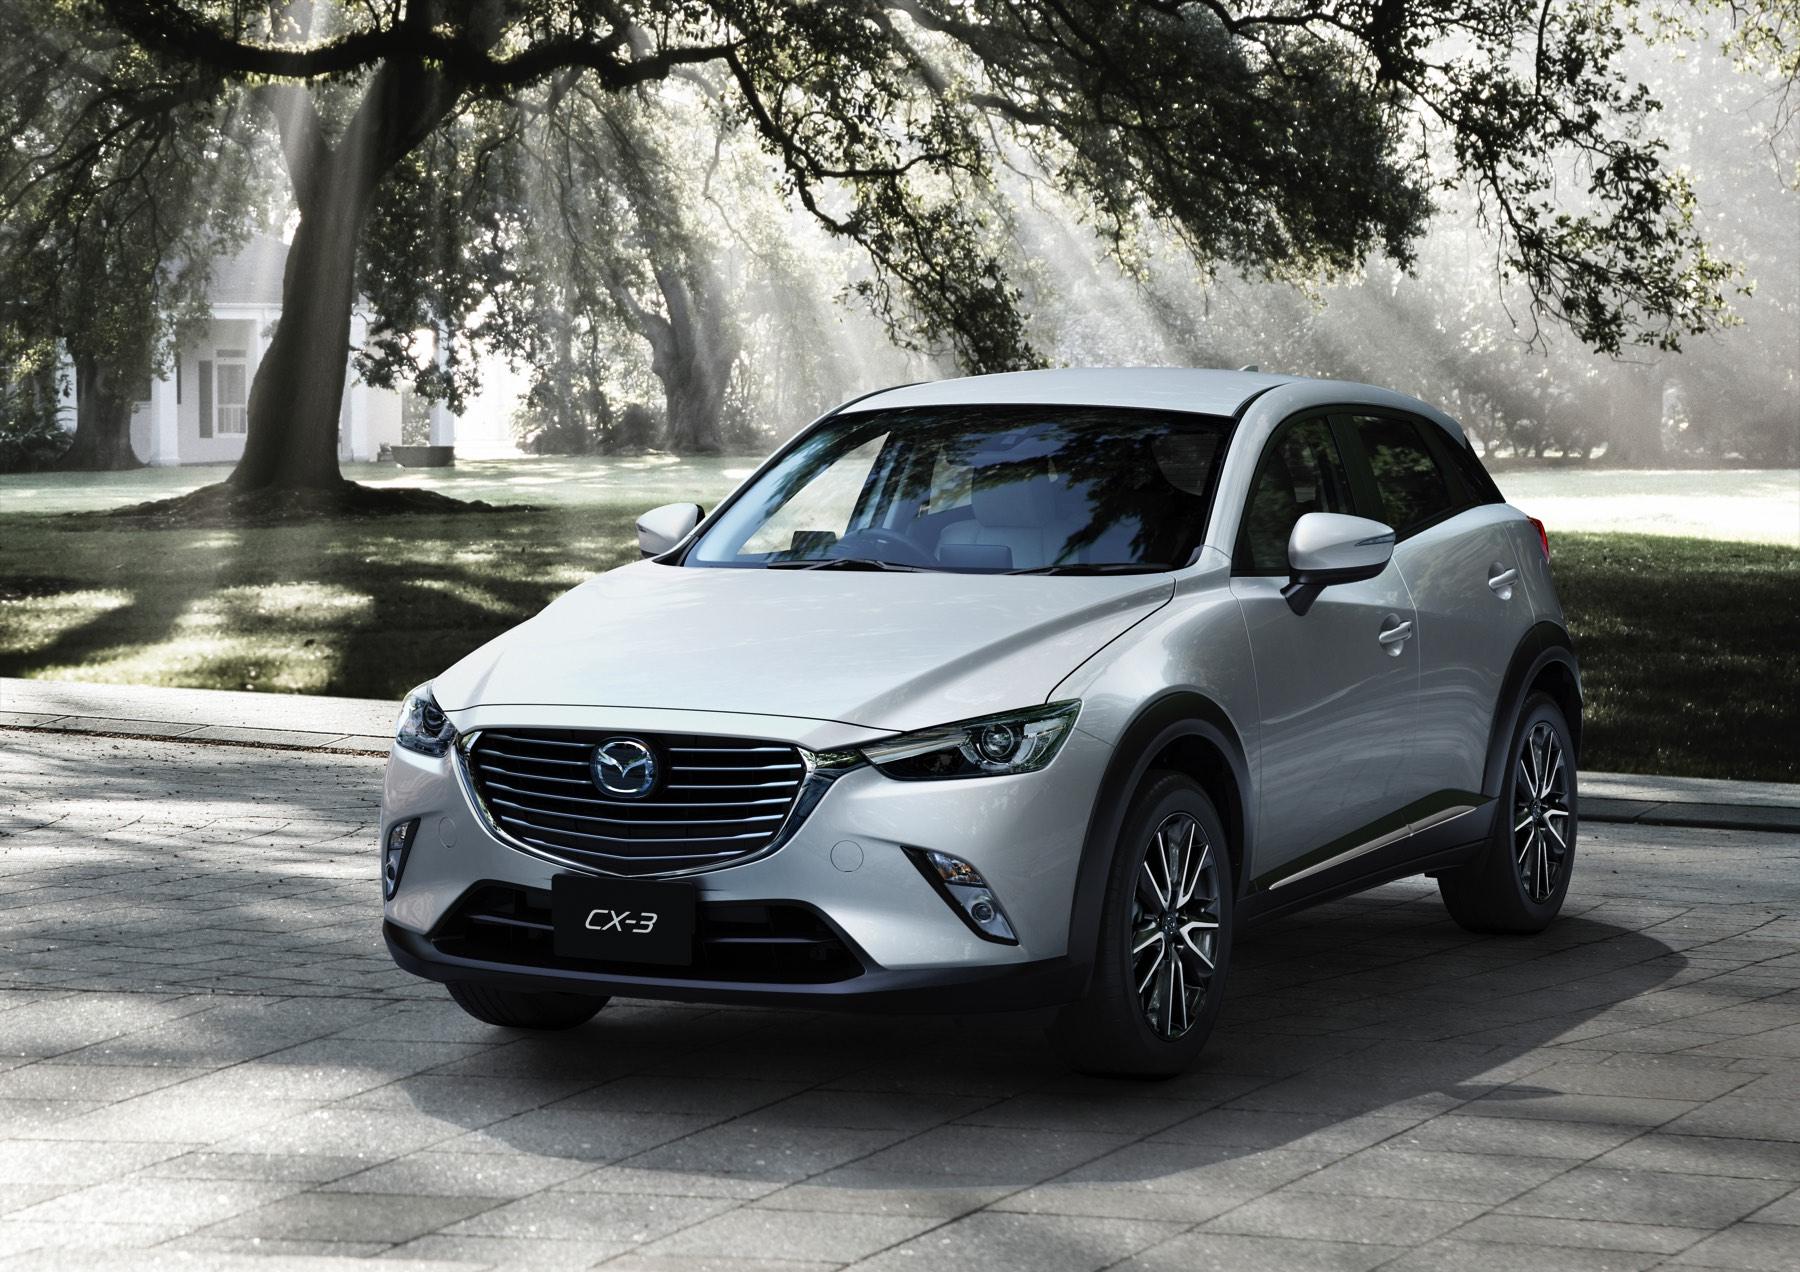 2016-Mazda-CX-3-004